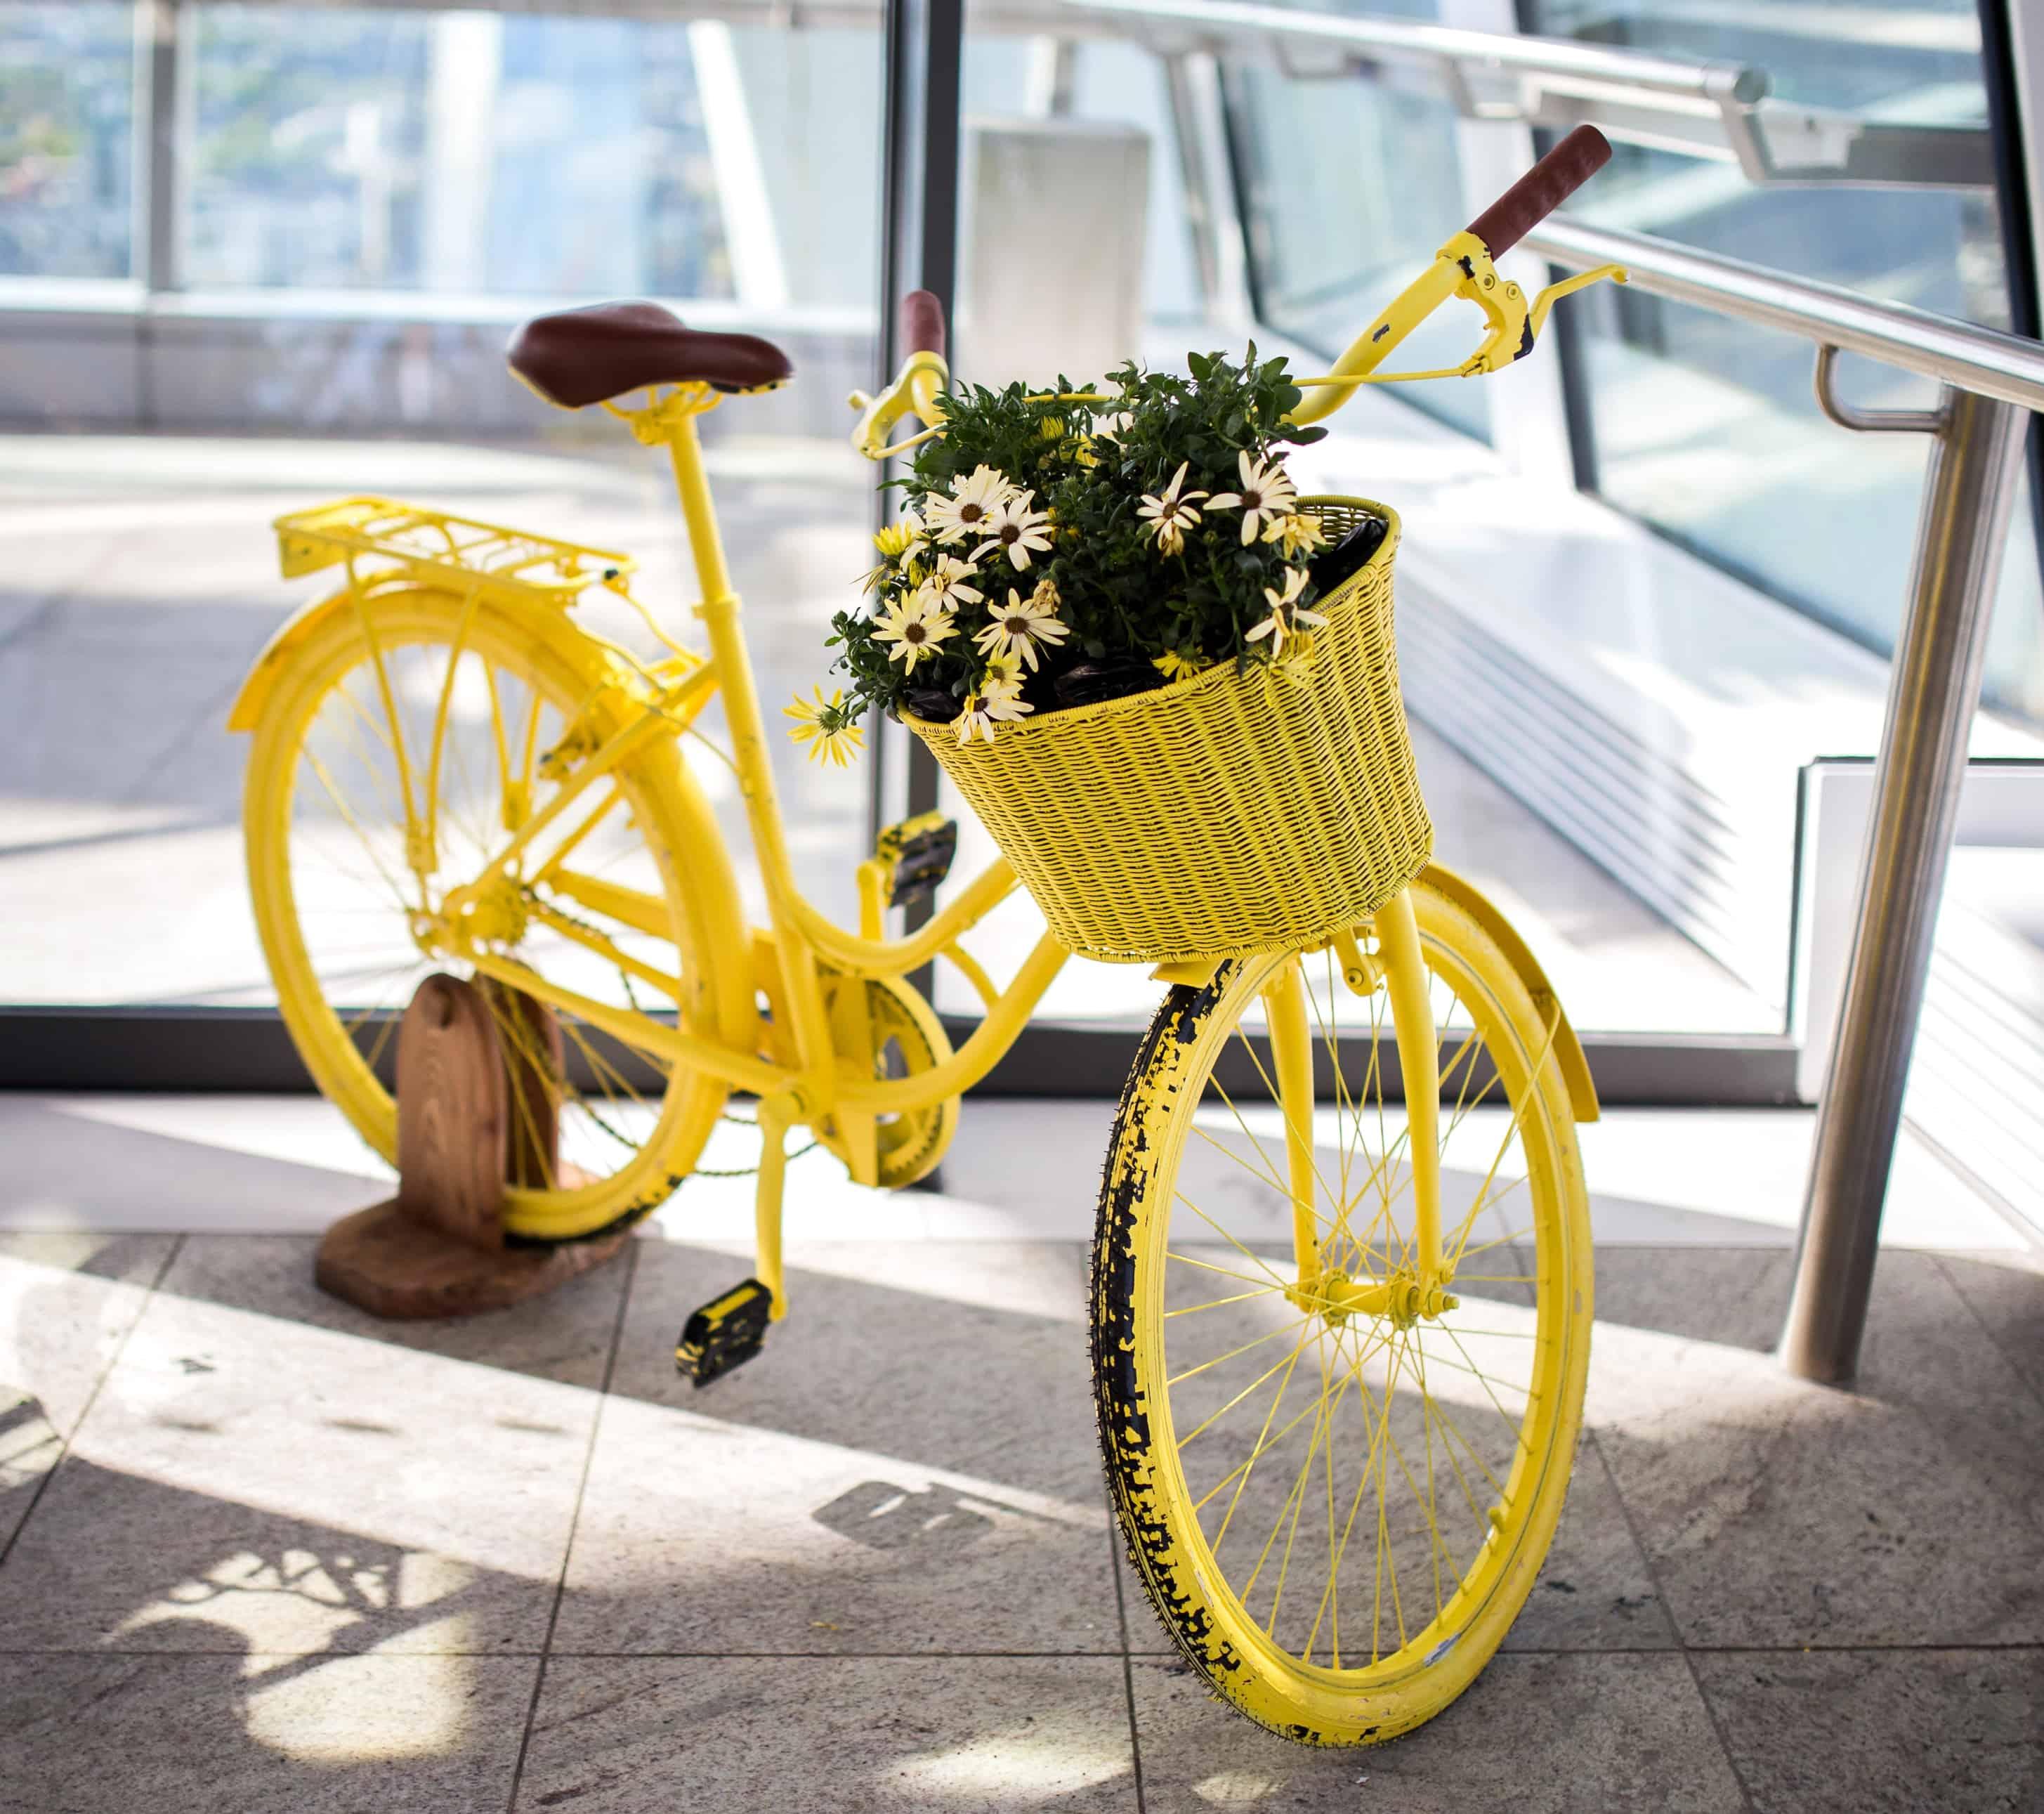 antique, décoration, jaune, roue, vieux, vélo, véhicule, transport